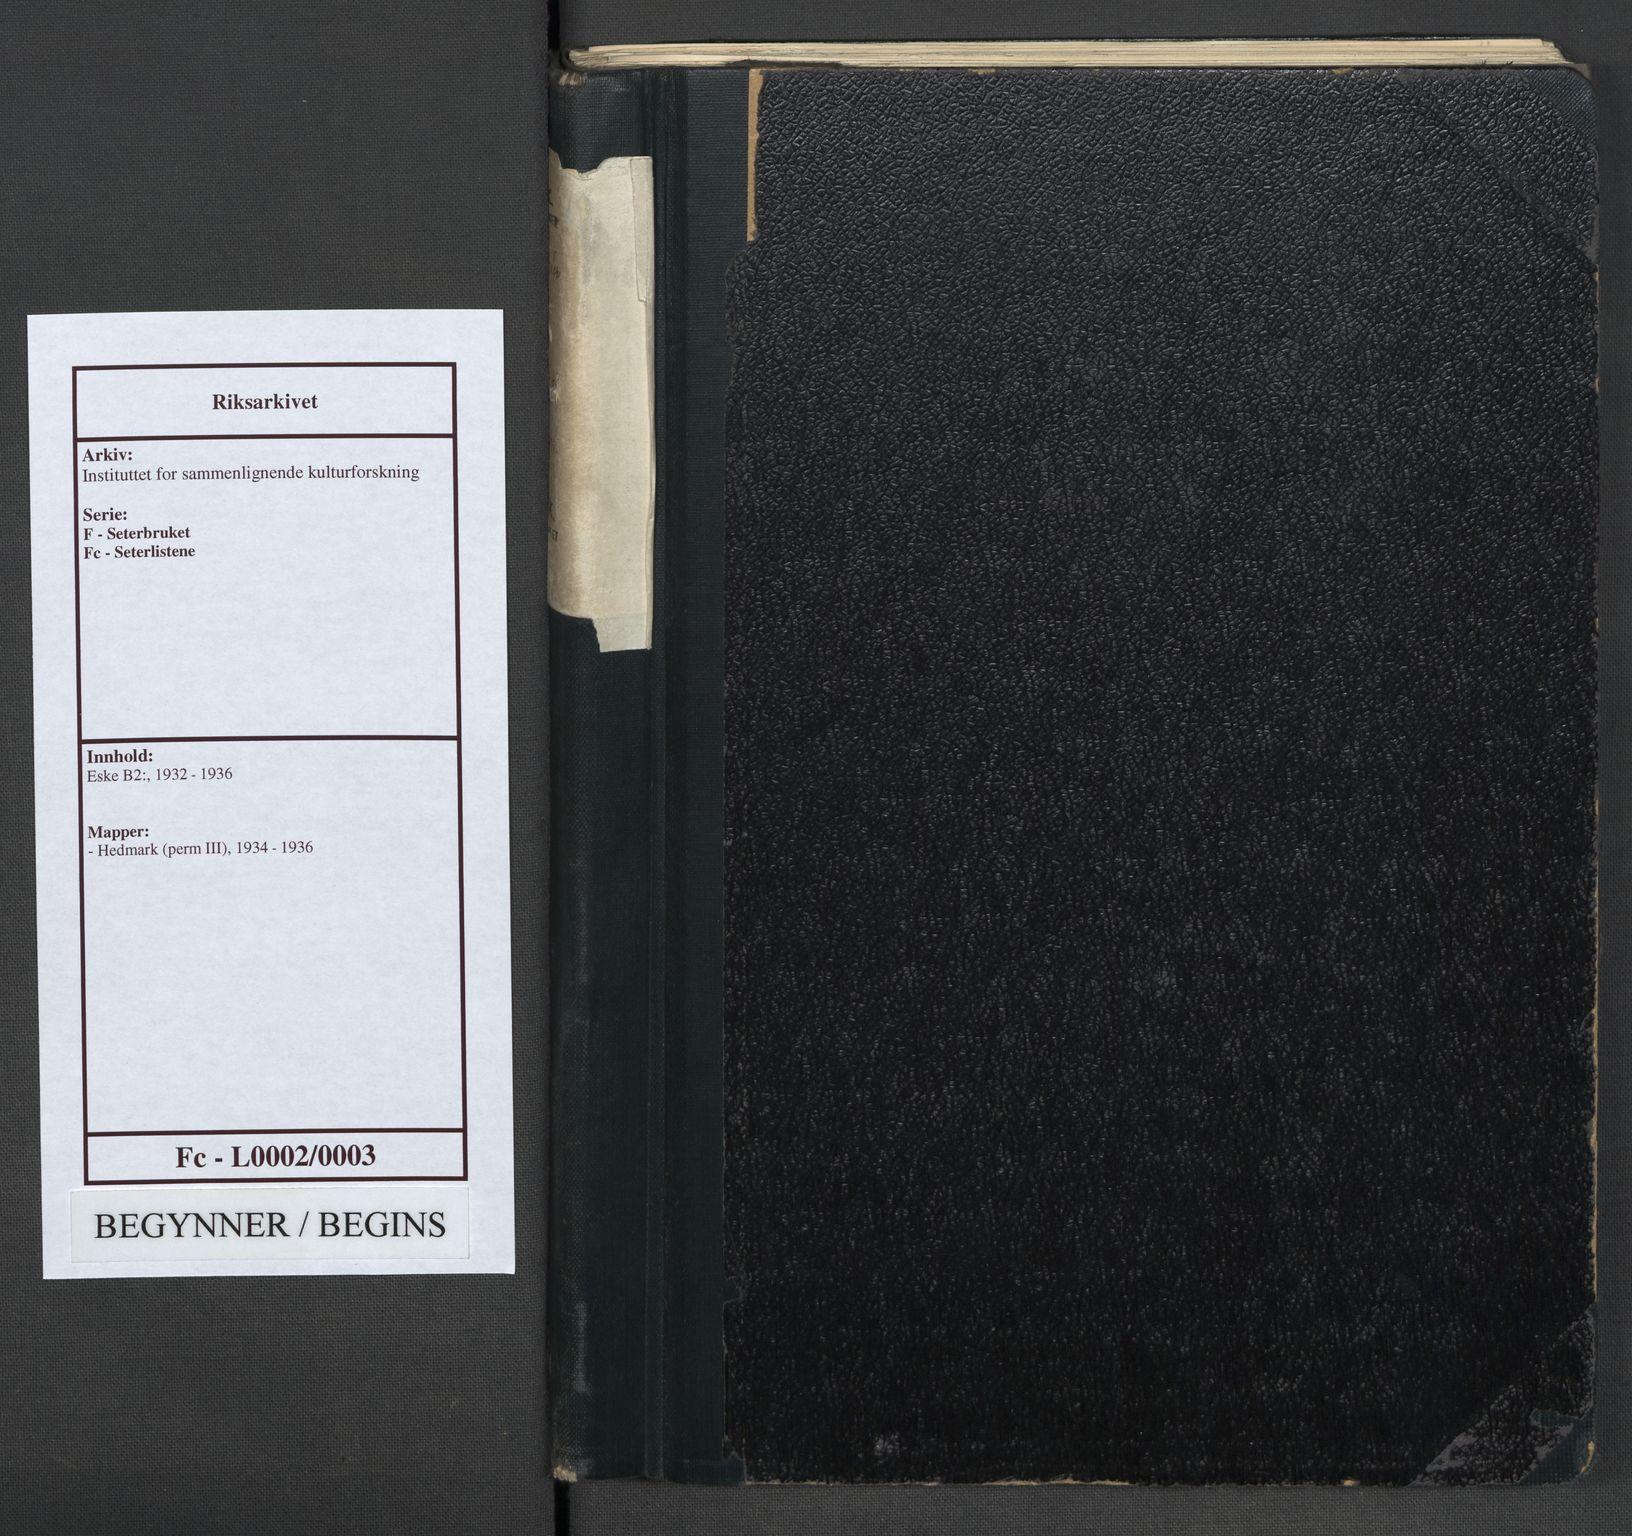 RA, Instituttet for sammenlignende kulturforskning, F/Fc/L0002: Eske B2:, 1934-1936, s. upaginert